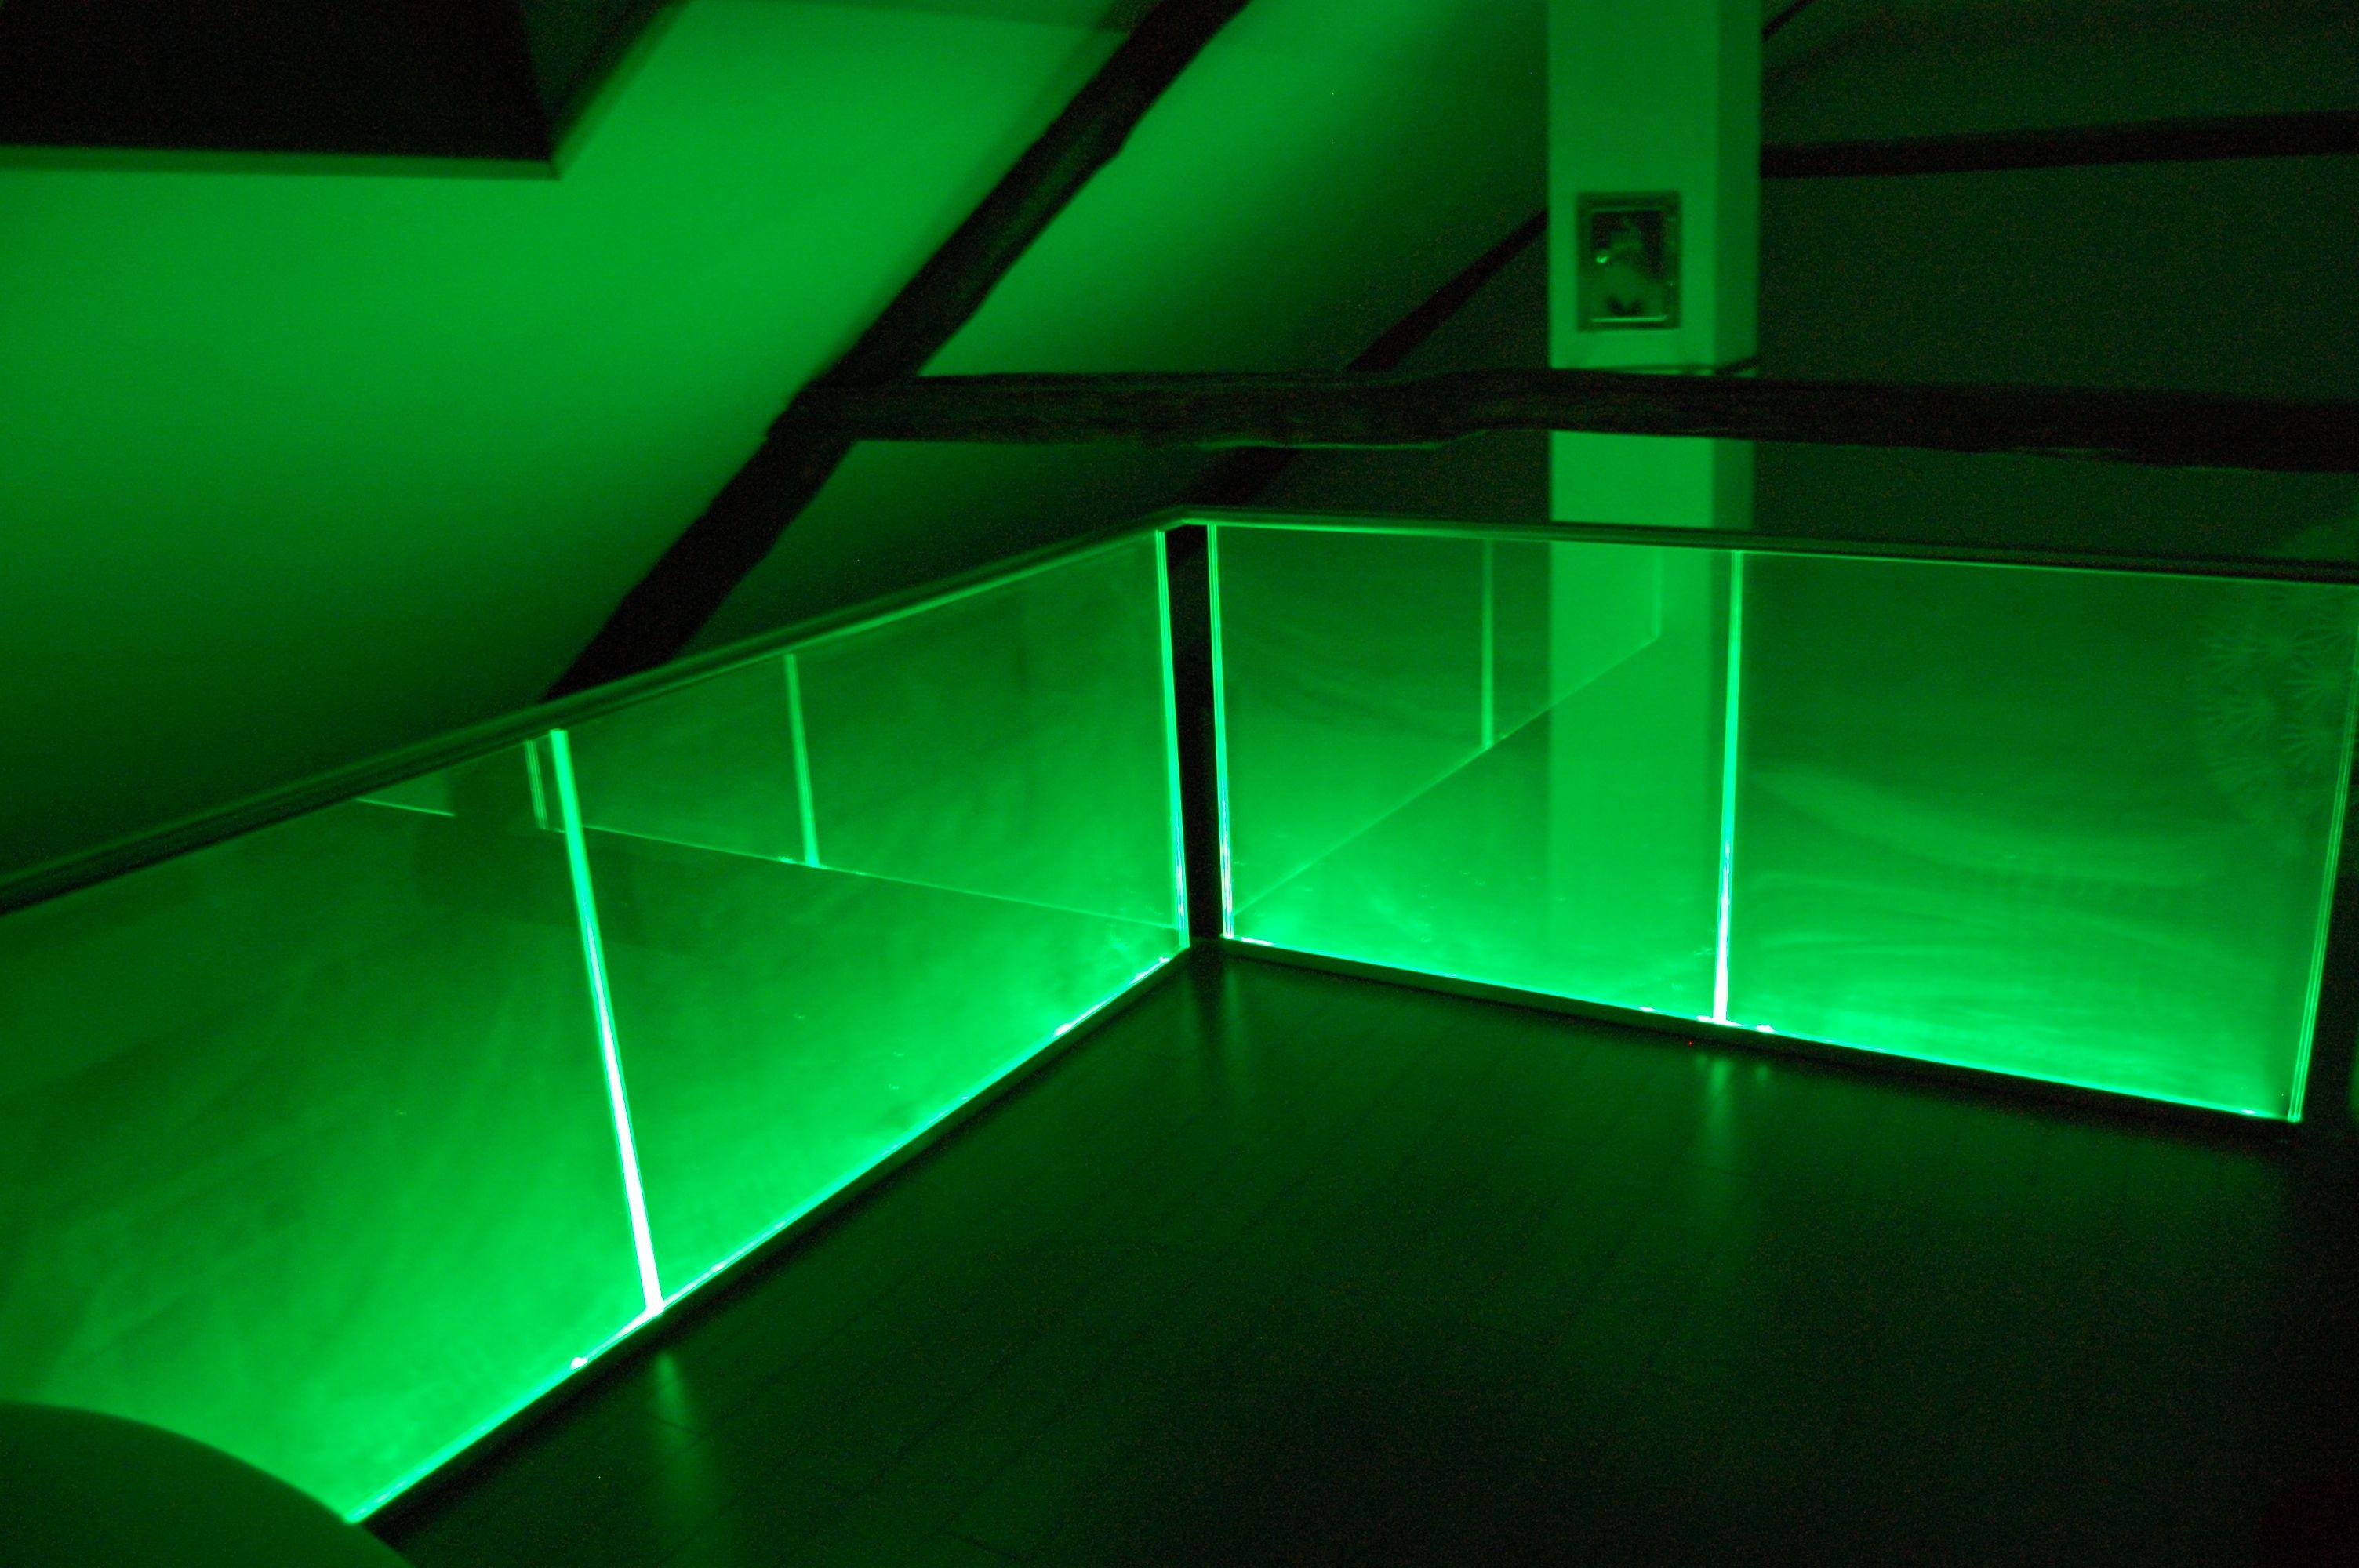 Dieses Glasgelander Wird Mit Hilfe Einer Led Leiste Mit Integriertem Farbwechsler Beleuchtet Beleuchten Glasgelander Innen Glas